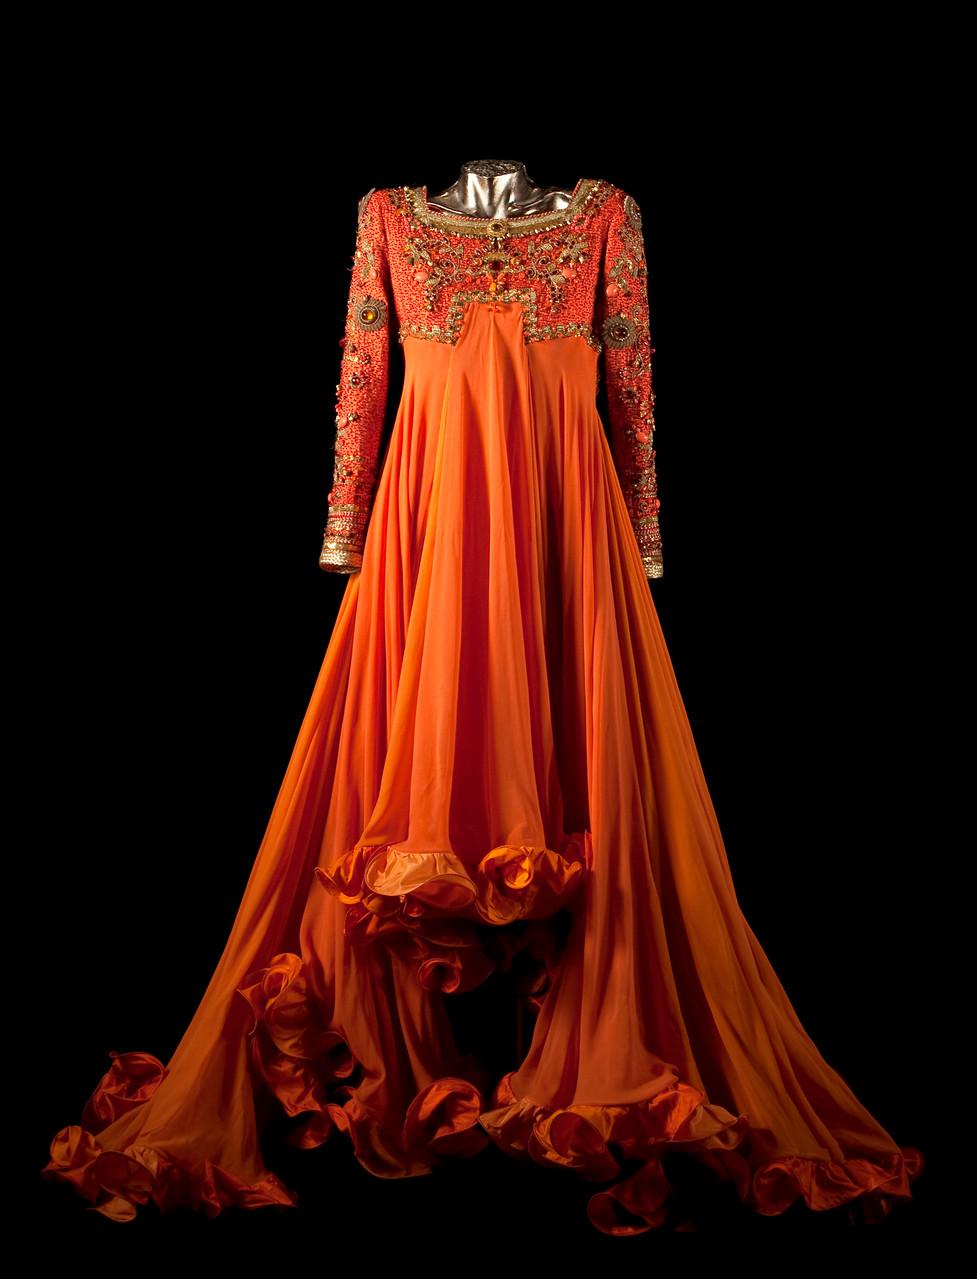 e7929d0ea143 Elogio dei vestiti - EmiliaSD